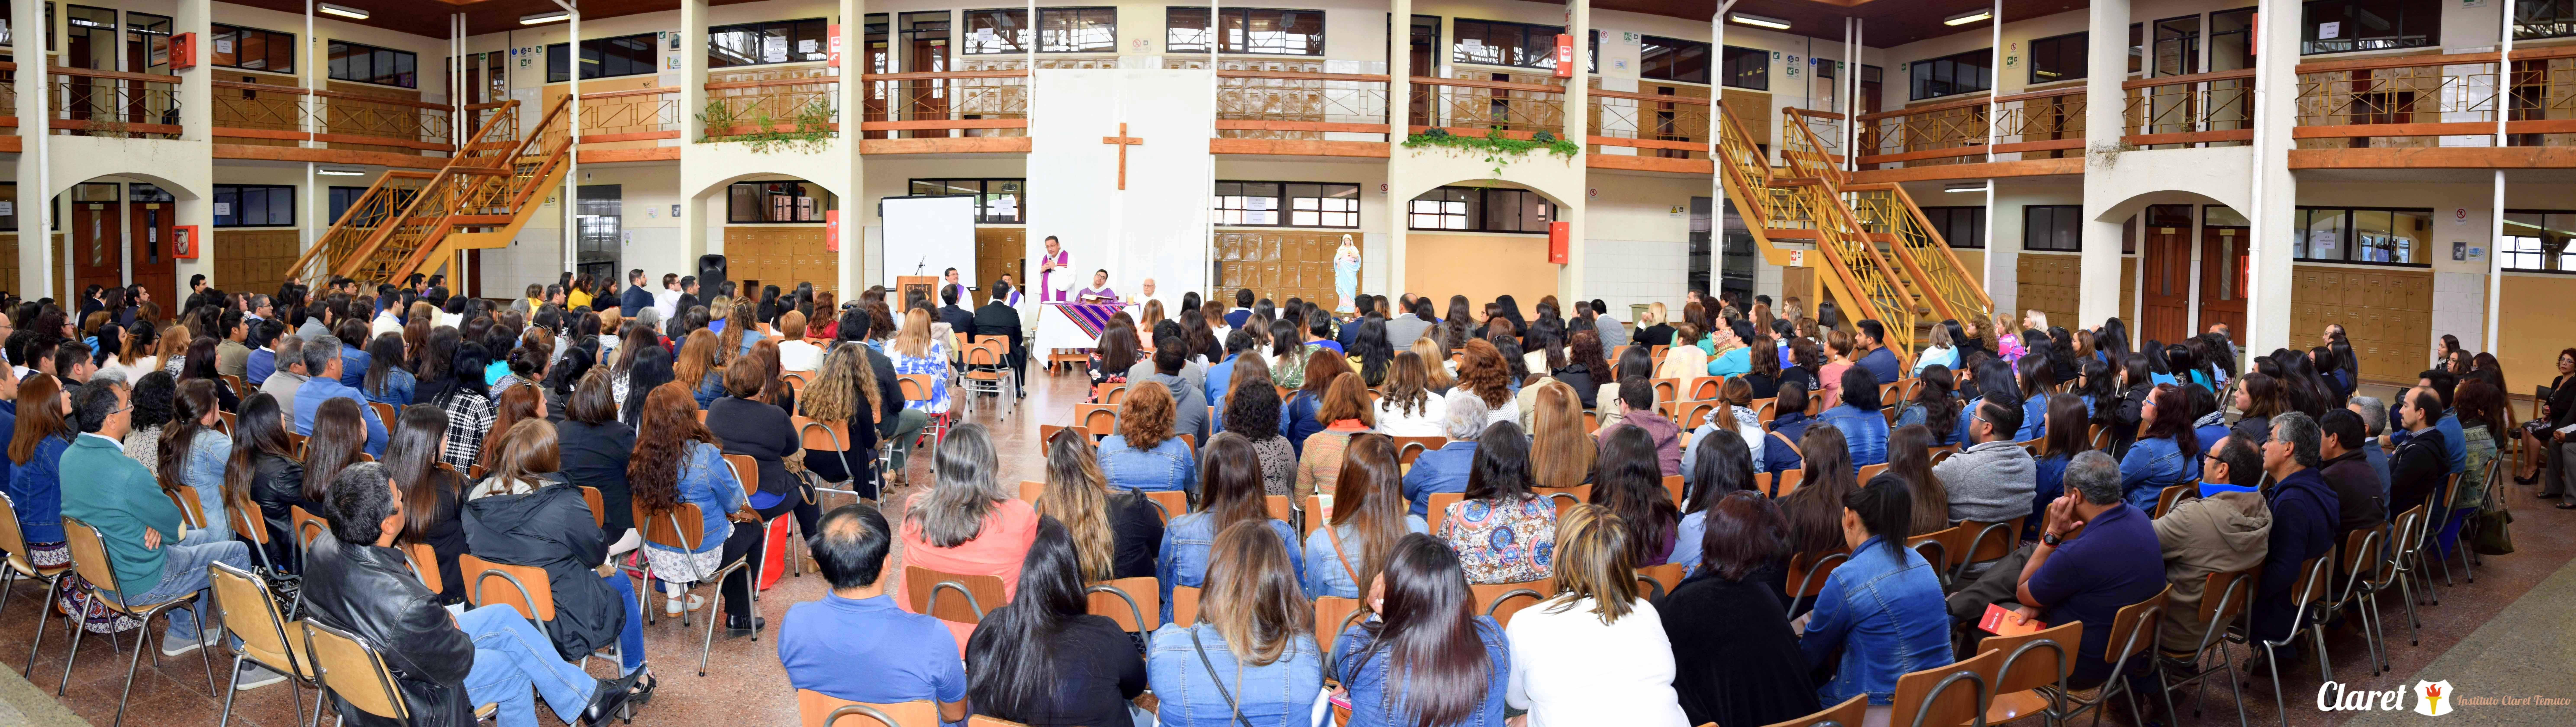 Liturga de Bienvenida 201828